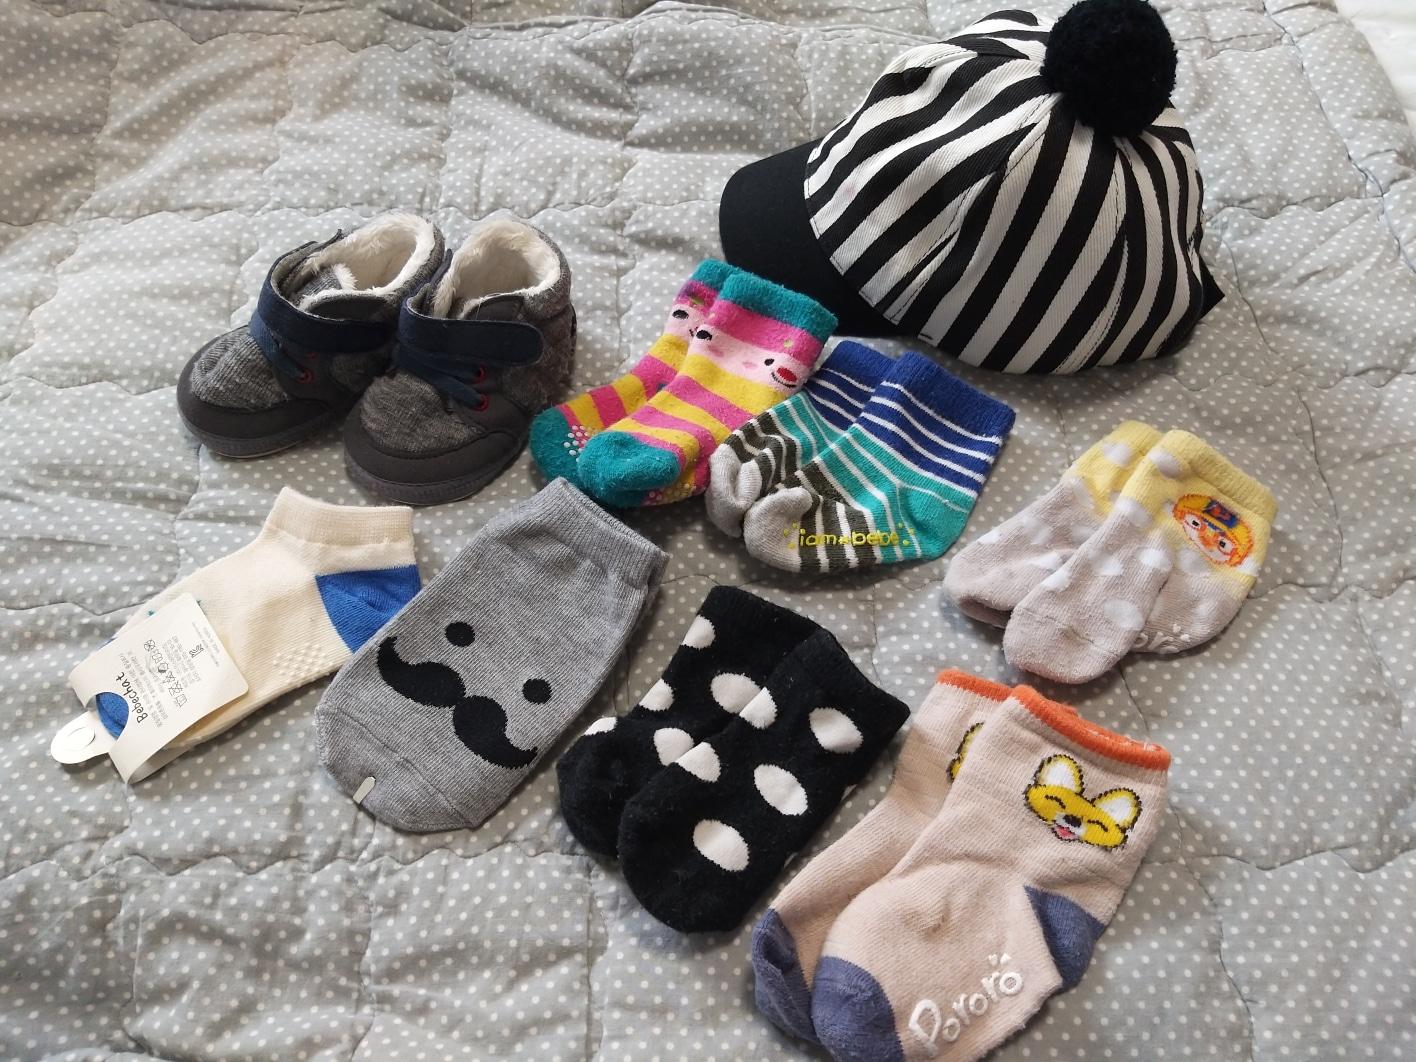 남자아기 해피랜드 신발 120 및 잡화